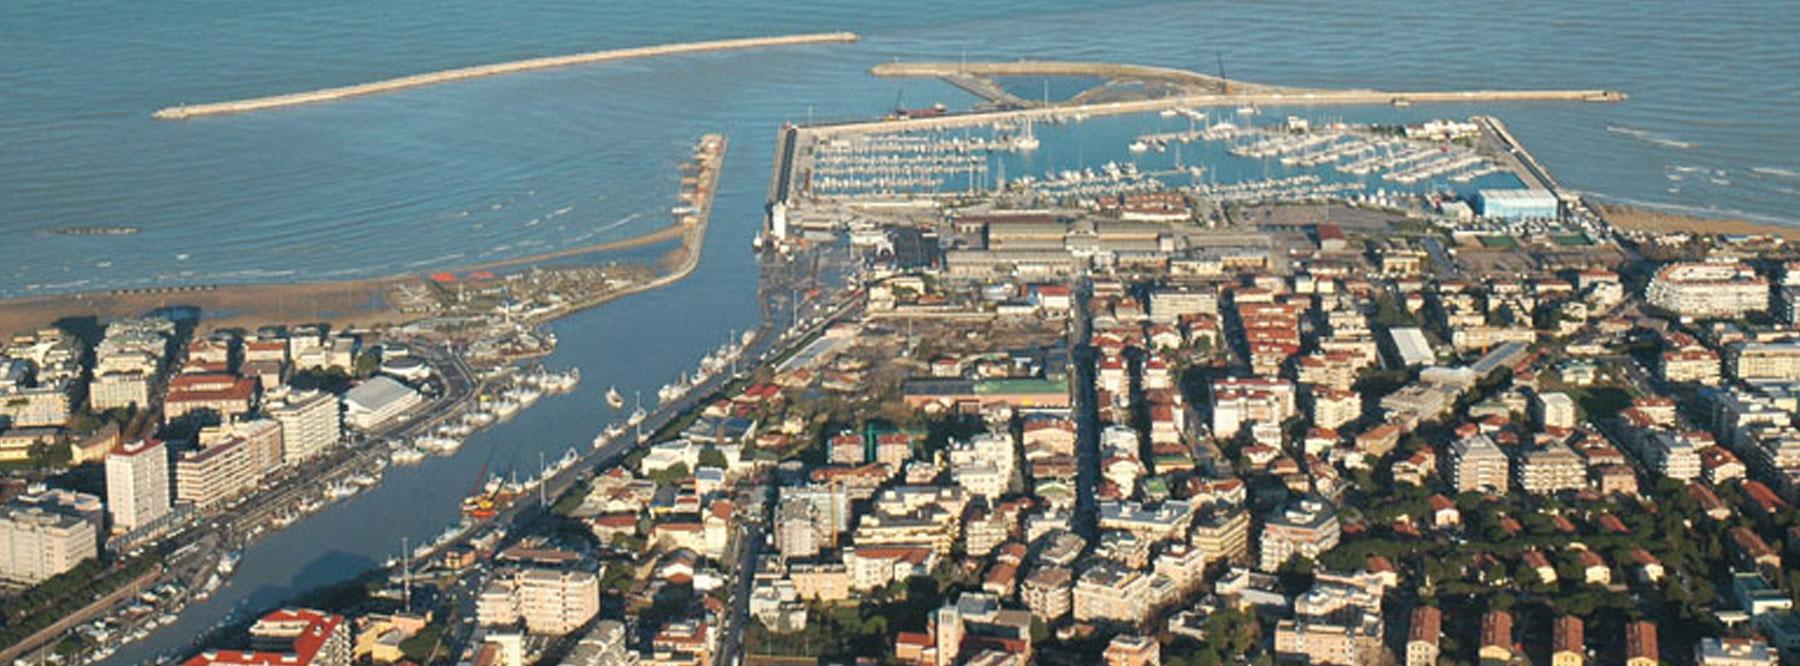 Reti Ten - T e corridoio mediterraneo, Catena (PD Abruzzo ...